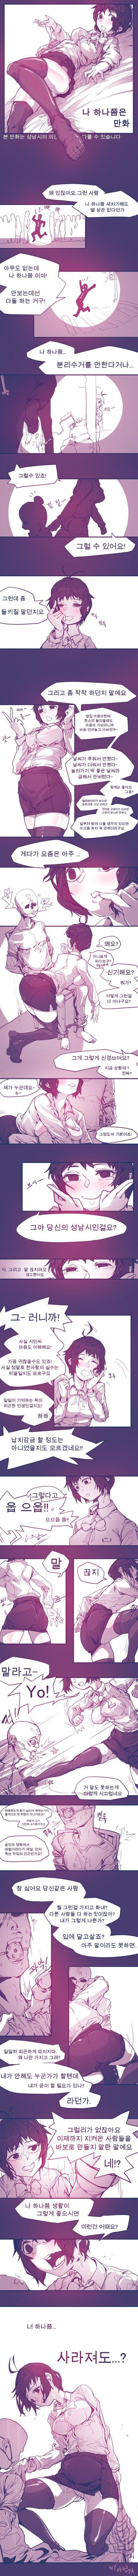 성남시 홍보 manhwa